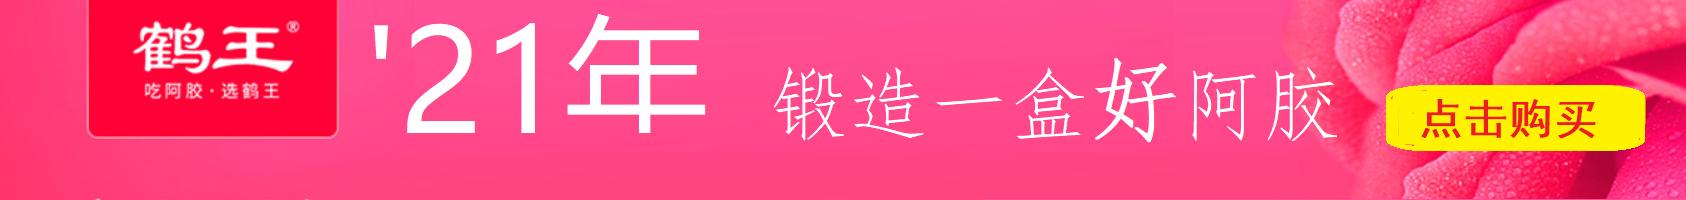 鹤王阿胶旗舰店